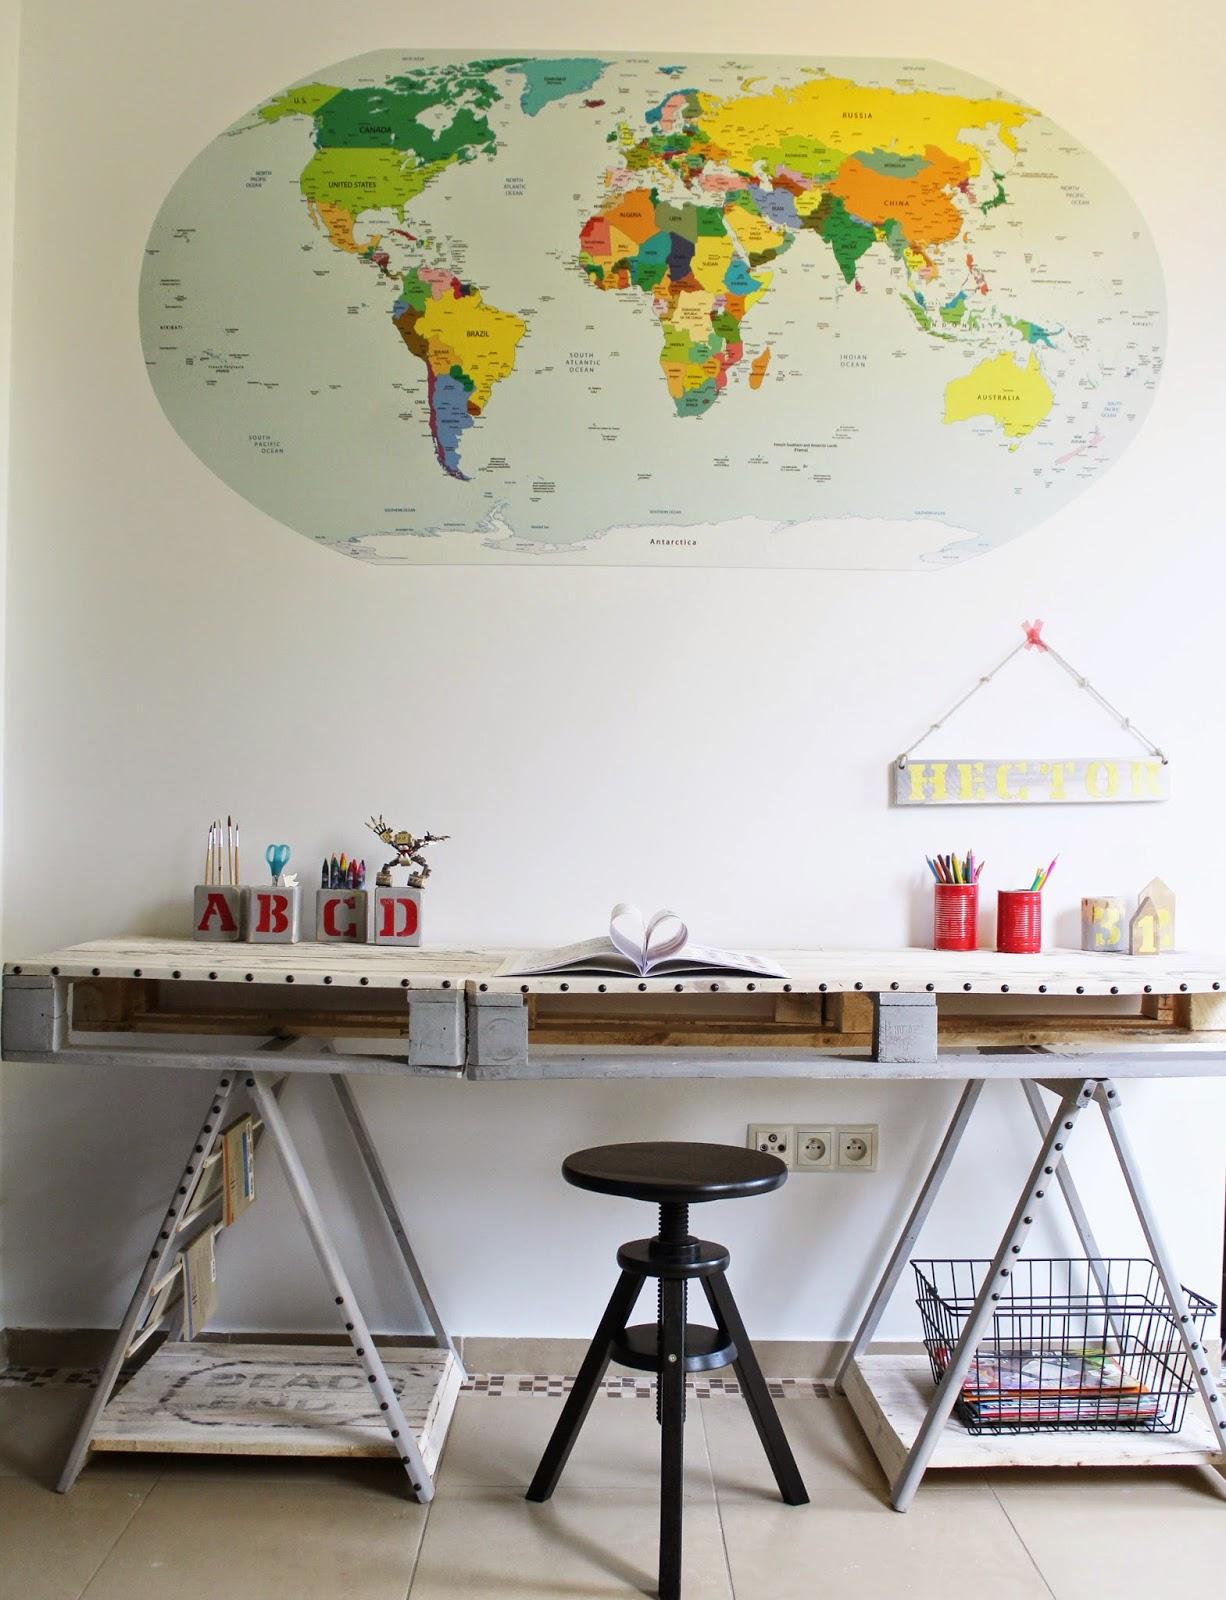 inspiracje pokój w stylu vintage,biurko z palet białe ściany mapa świata,blog wnętrza,jak urządzić pokój chłopcu,organizer na biurko łatwy w wykonaniu,biurko z palet tutorial krok po kroku DIY,drewniane dodatki do pokoju dziecka,pokój dla chłopca,biały pokój kolorowe dodatki